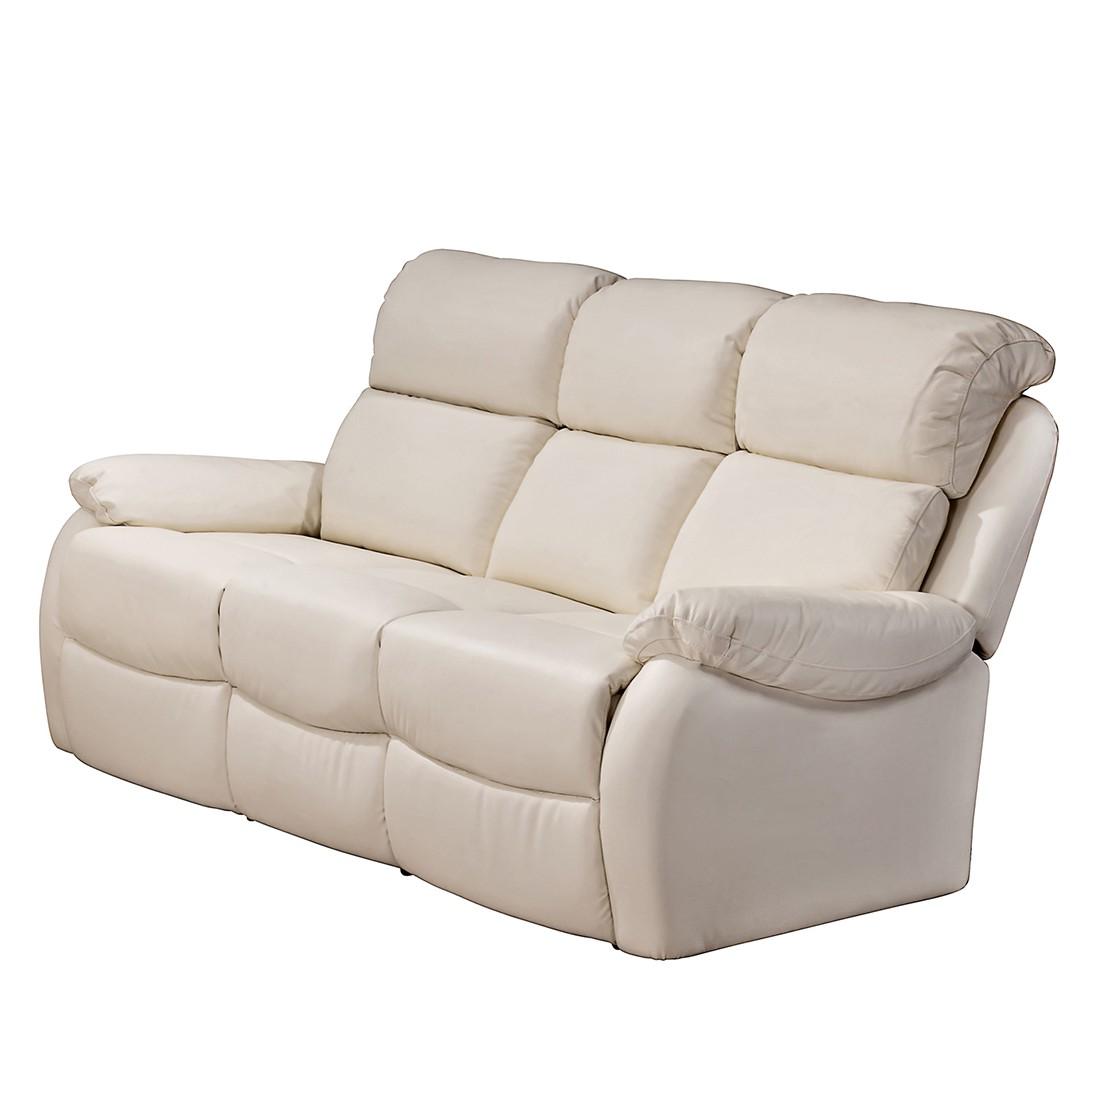 Divano conor 2 sedute funzione relax prezzo e offerte for Divano prezzo basso